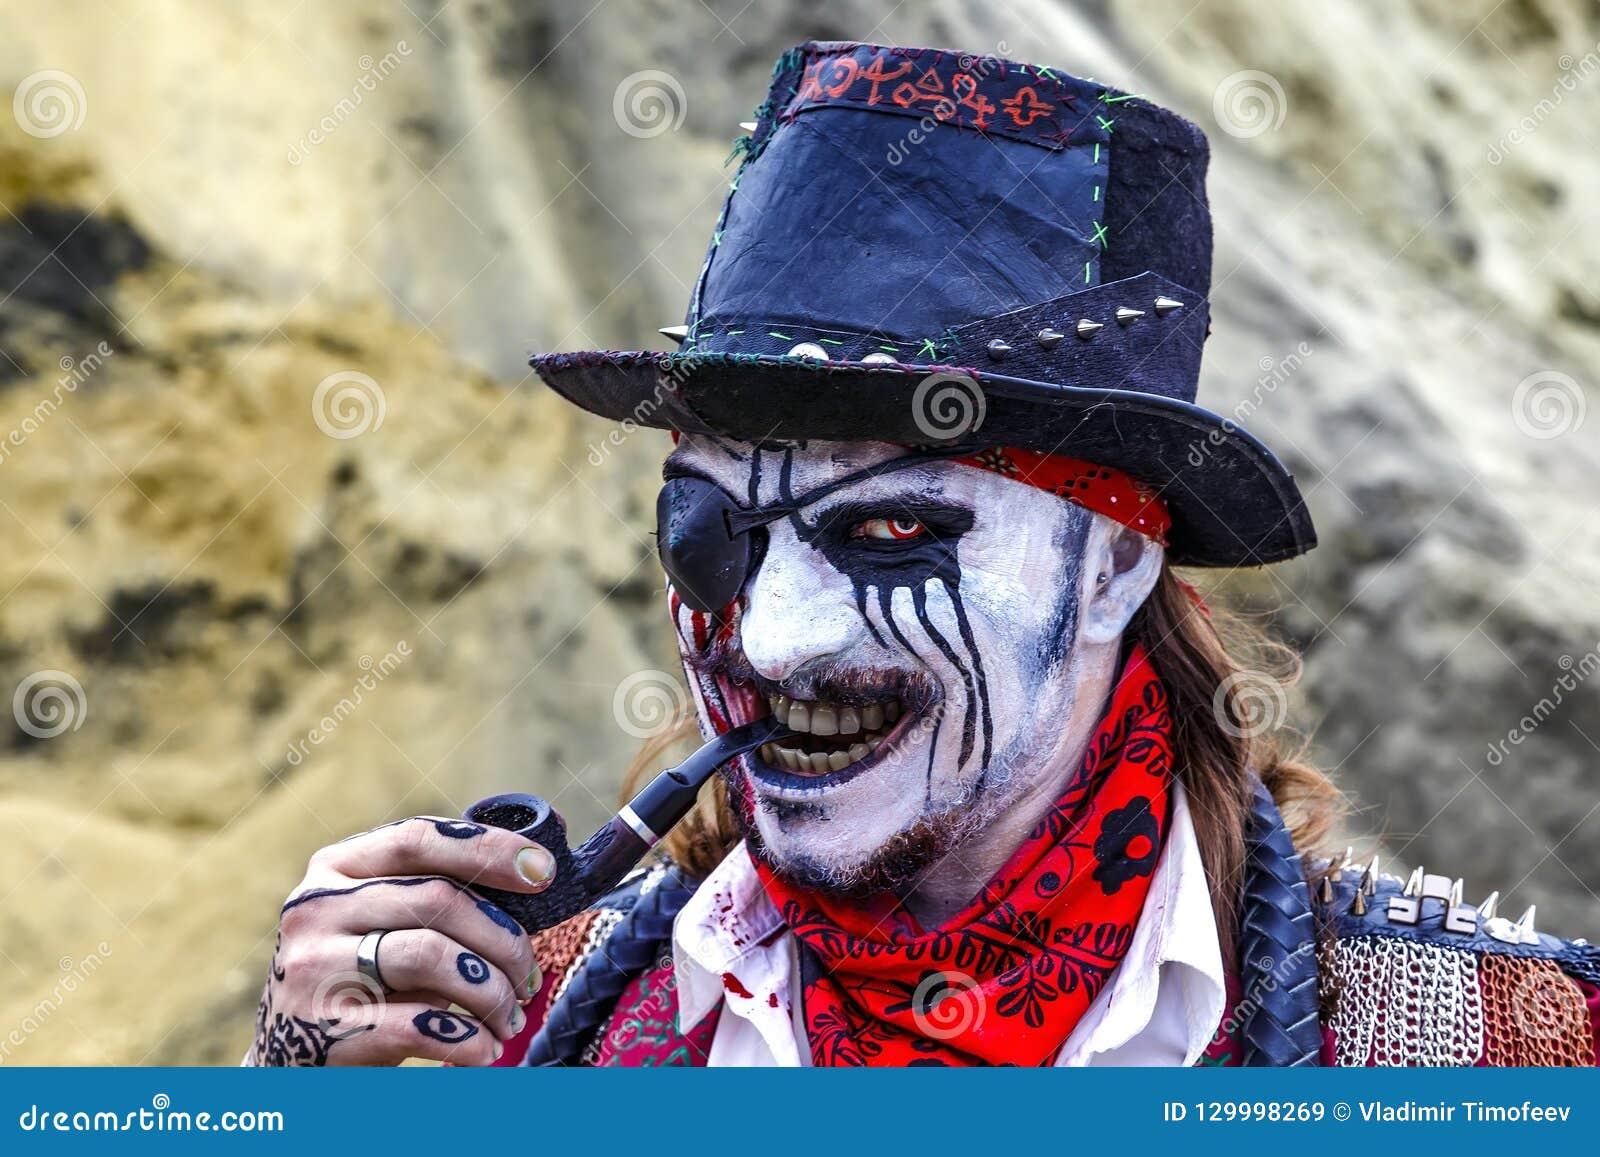 Gulzige kwaad kijkt van een piraat met flard meer dan één oog en een pijp in zijn mond